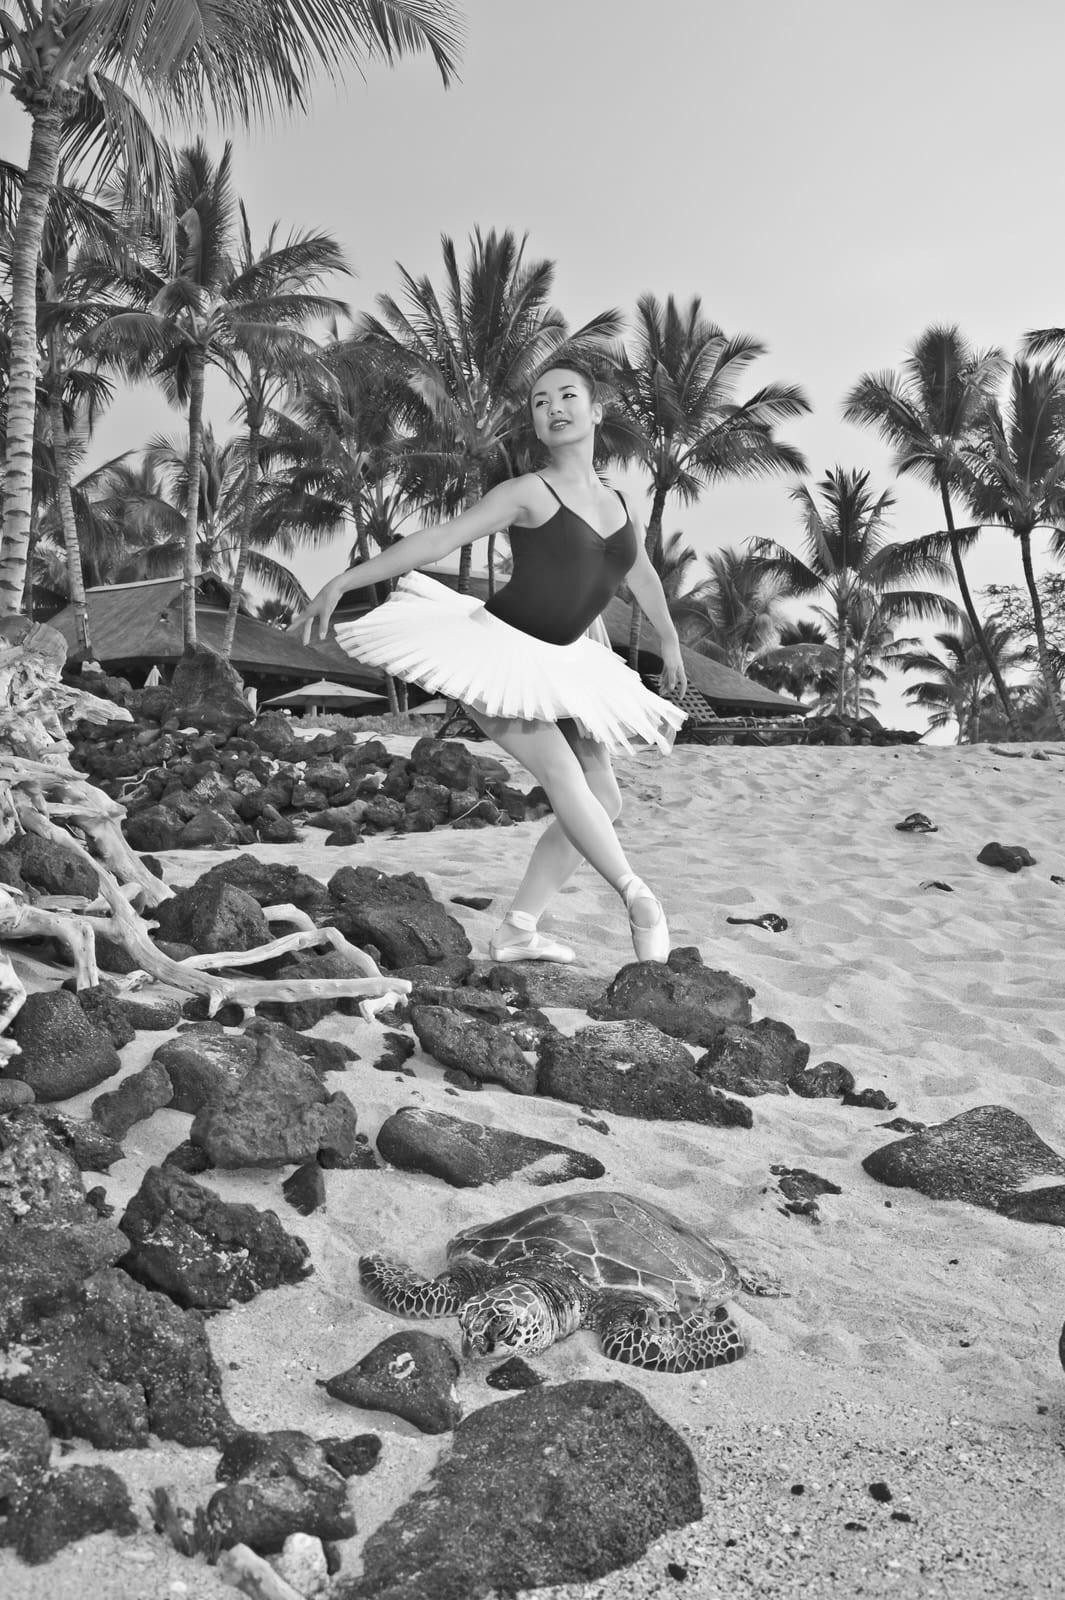 Hawaii-Ballet-Dancer-Classic-Portraits-Beach-Photographer.jpg